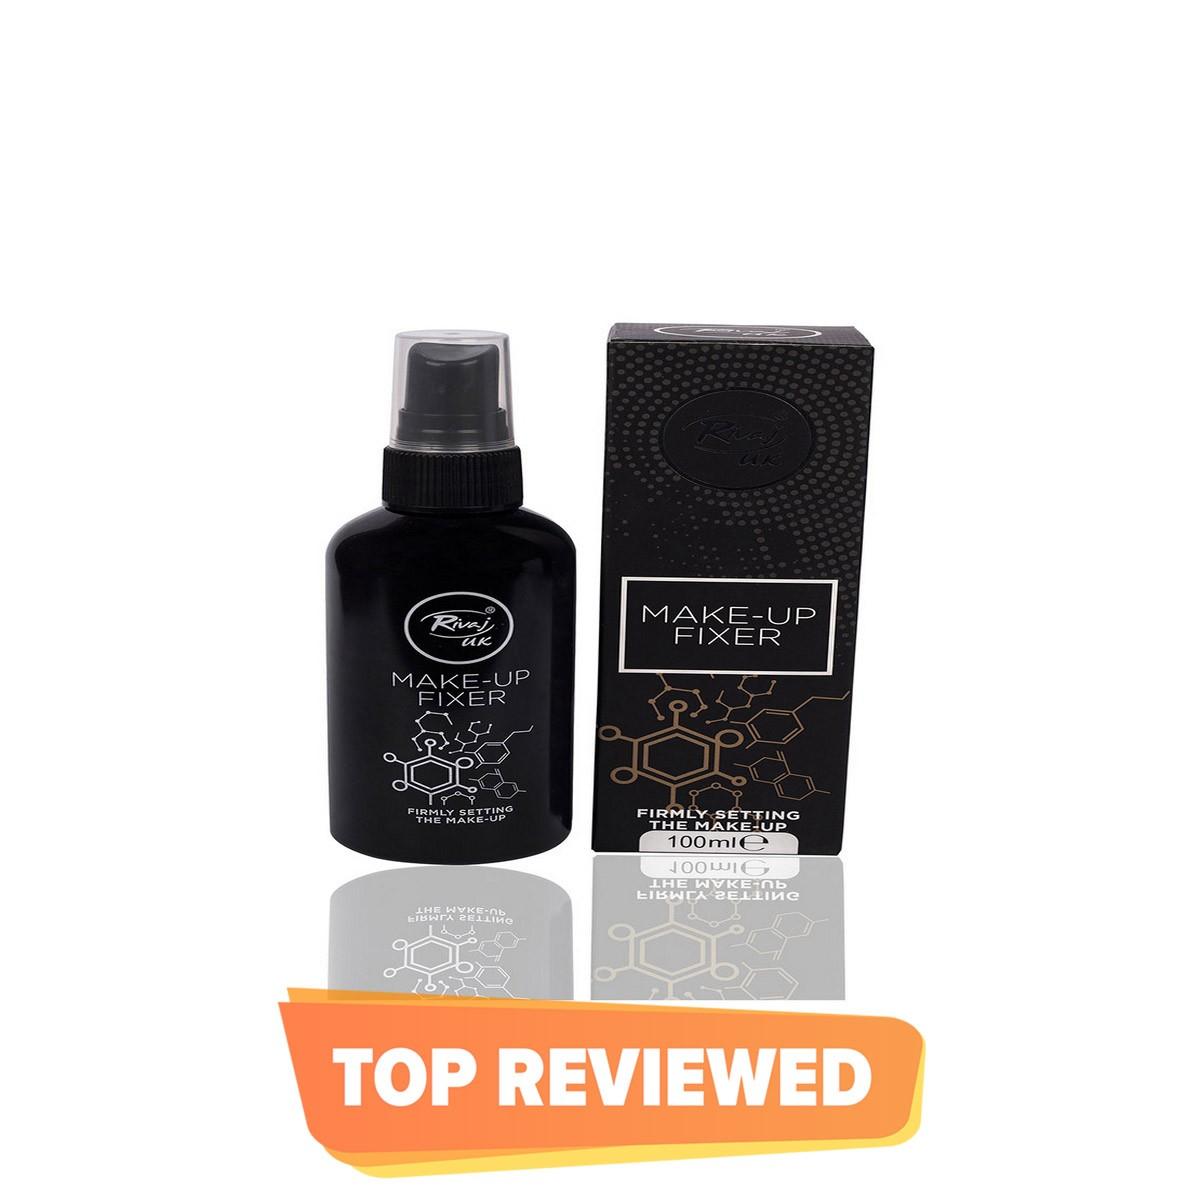 Make-Up Fixer (100ml)